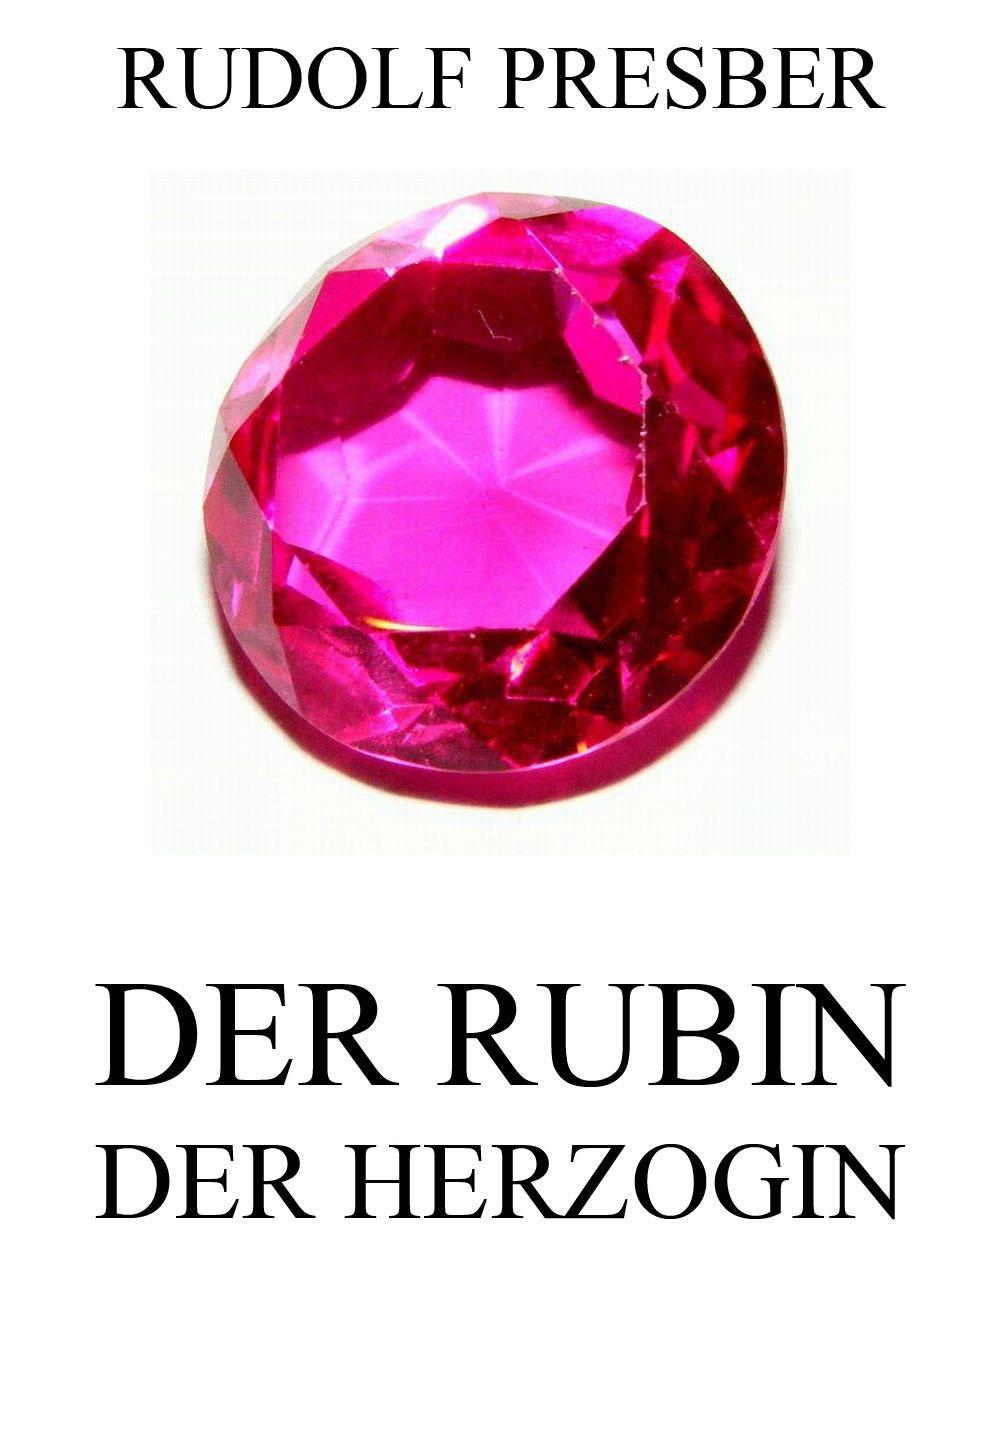 Rudolf Presber Der Rubin der Herzogin